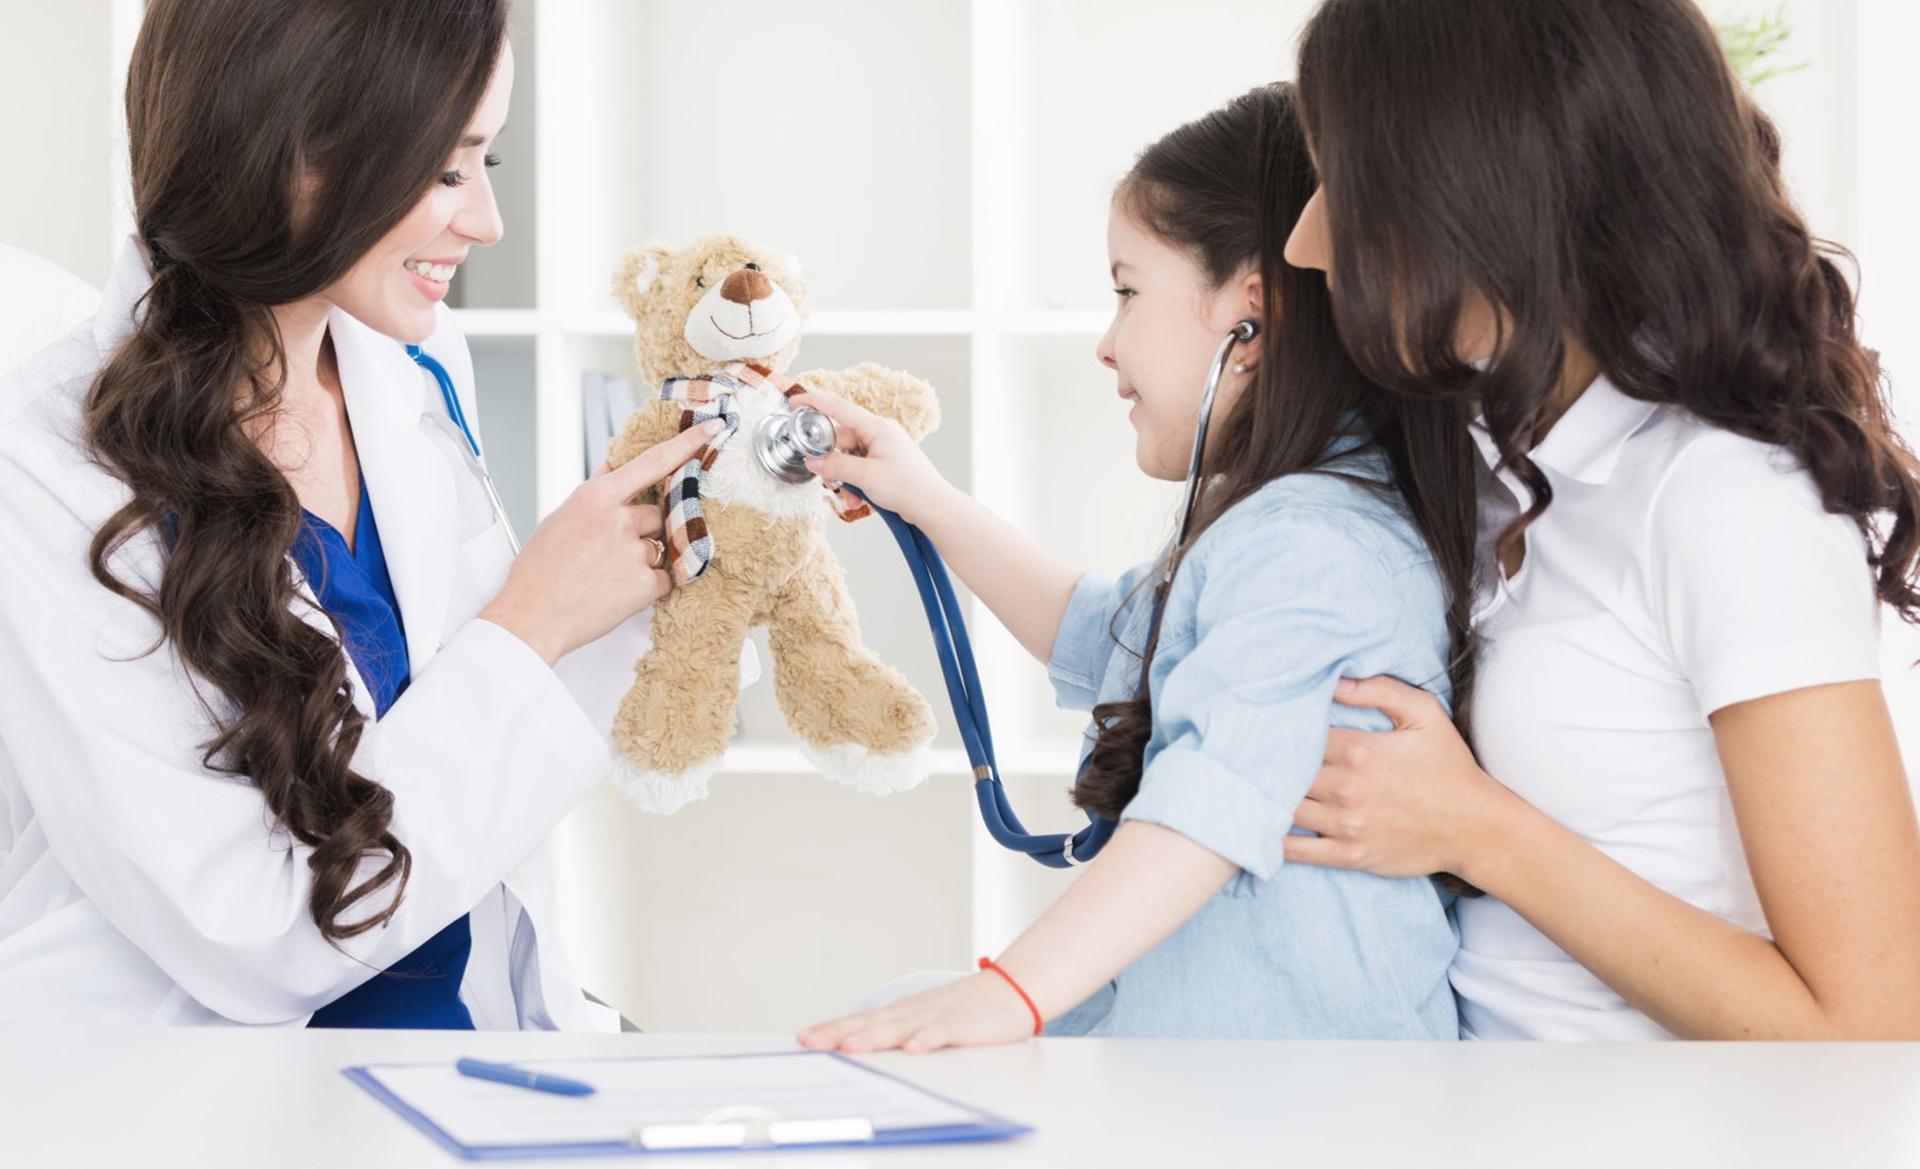 clinica-salud -verita Salud verita en valladolid